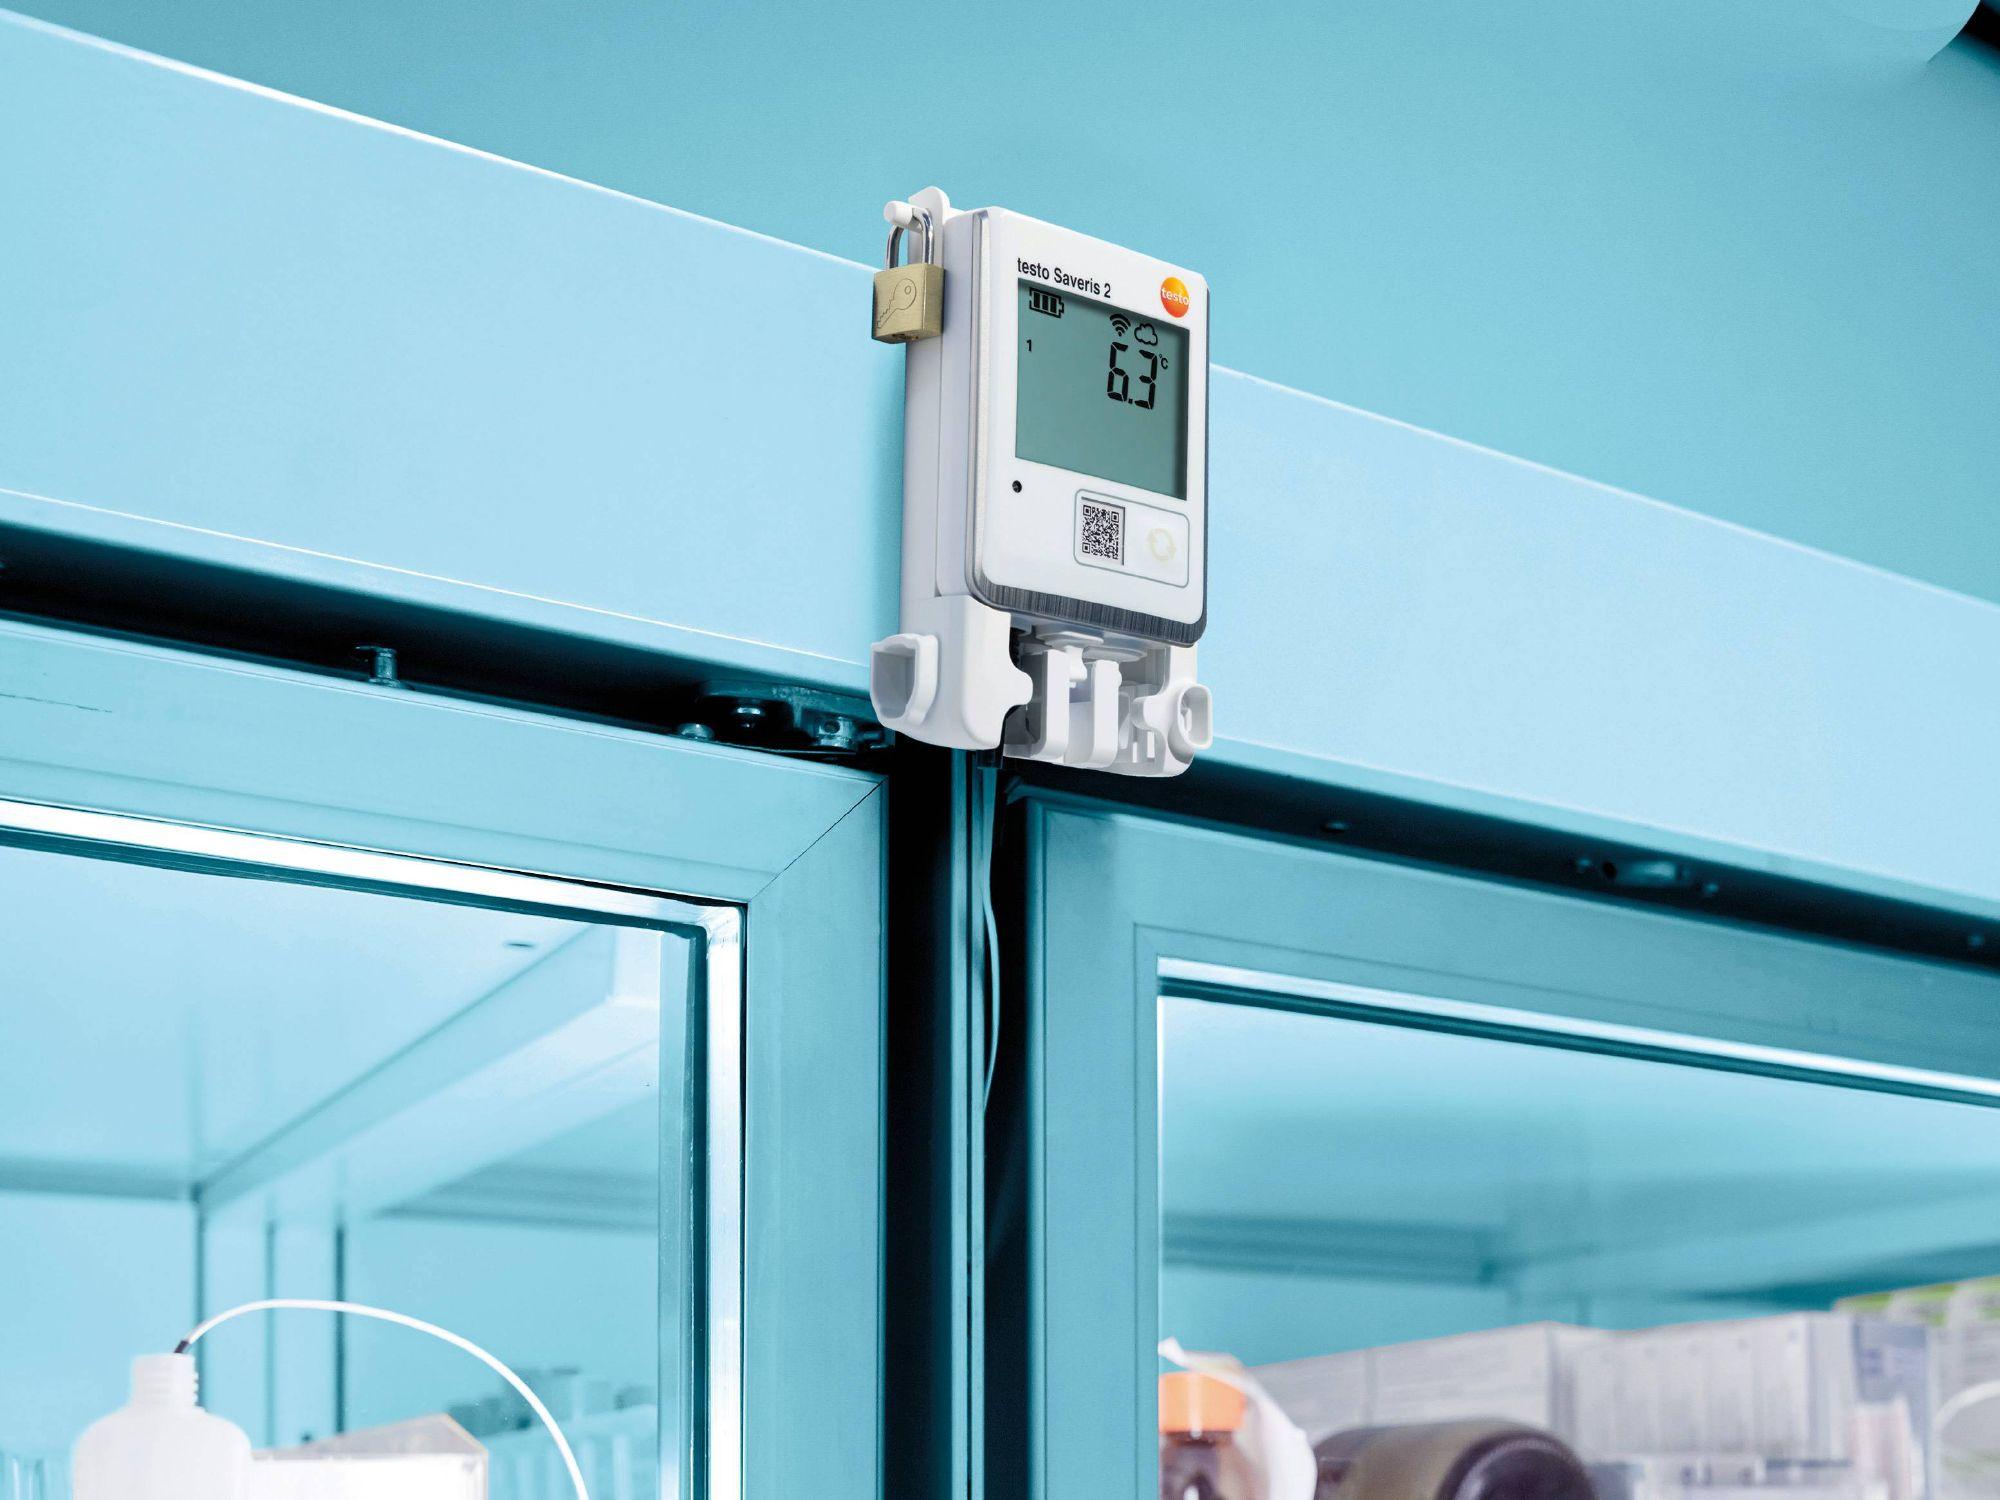 Un enregistreur de données surveille la température dans le réfrigérateur à médicaments